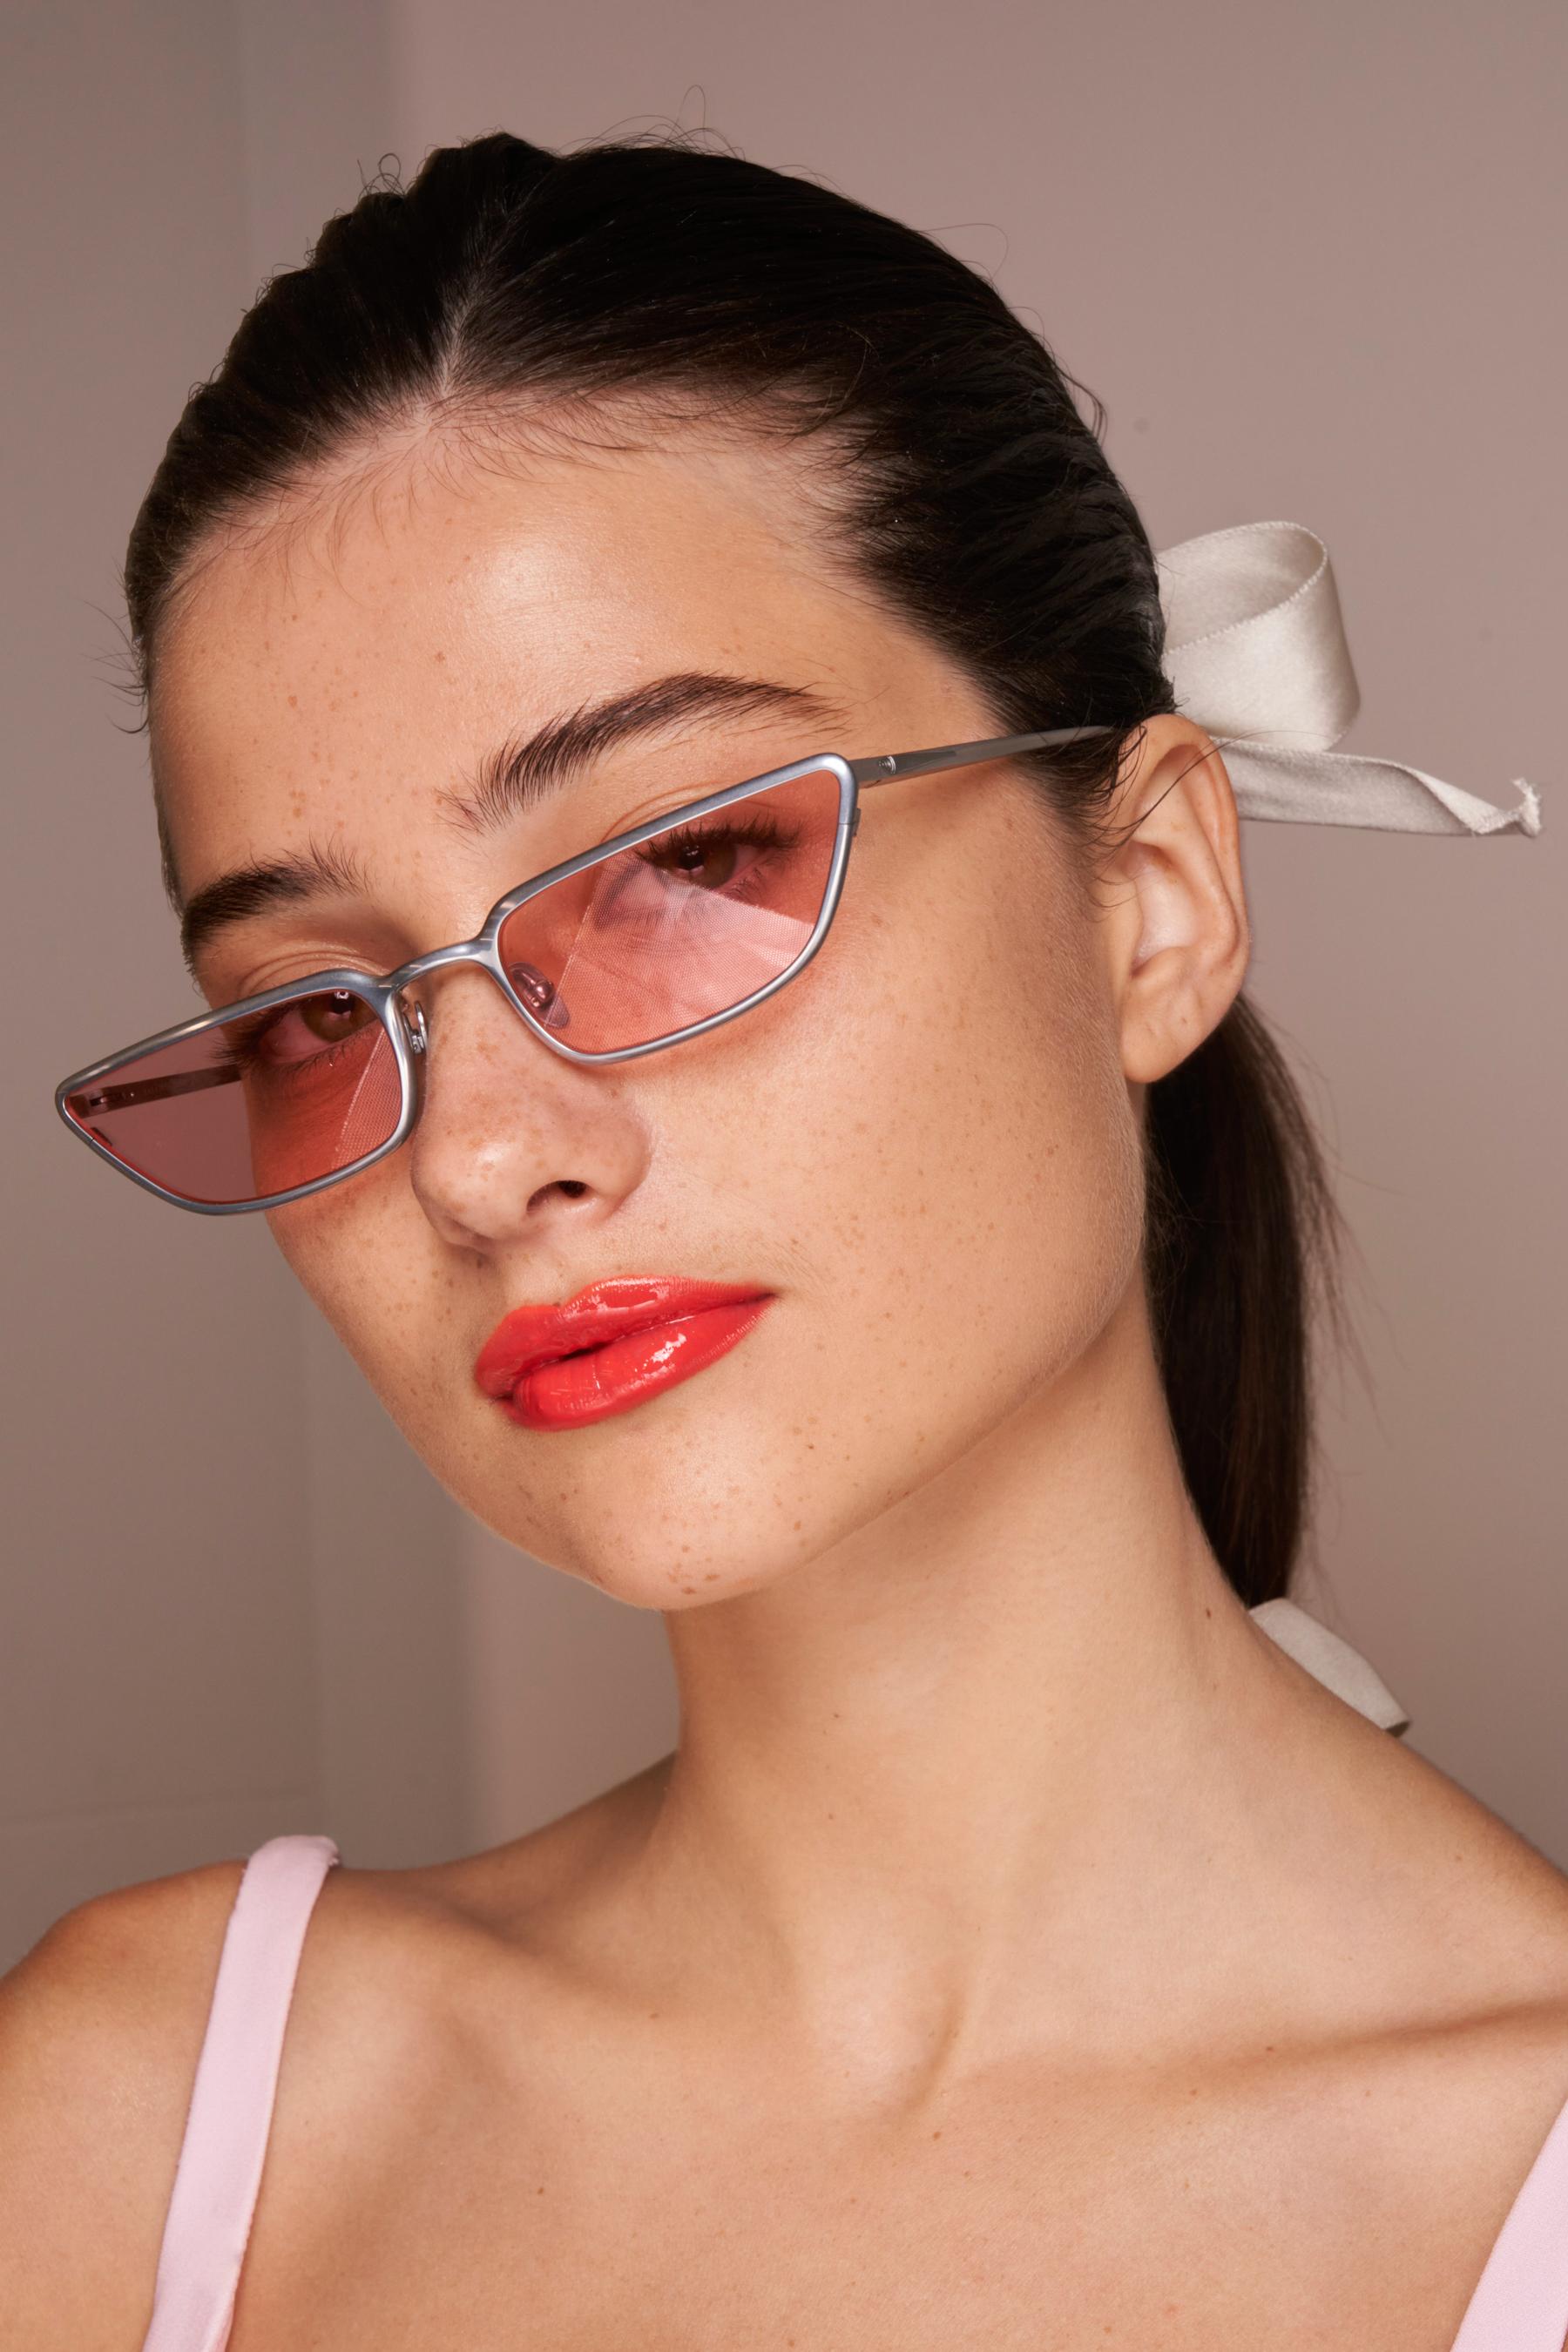 Giambattista Valli Spring 2022 Backstage Fashion Show